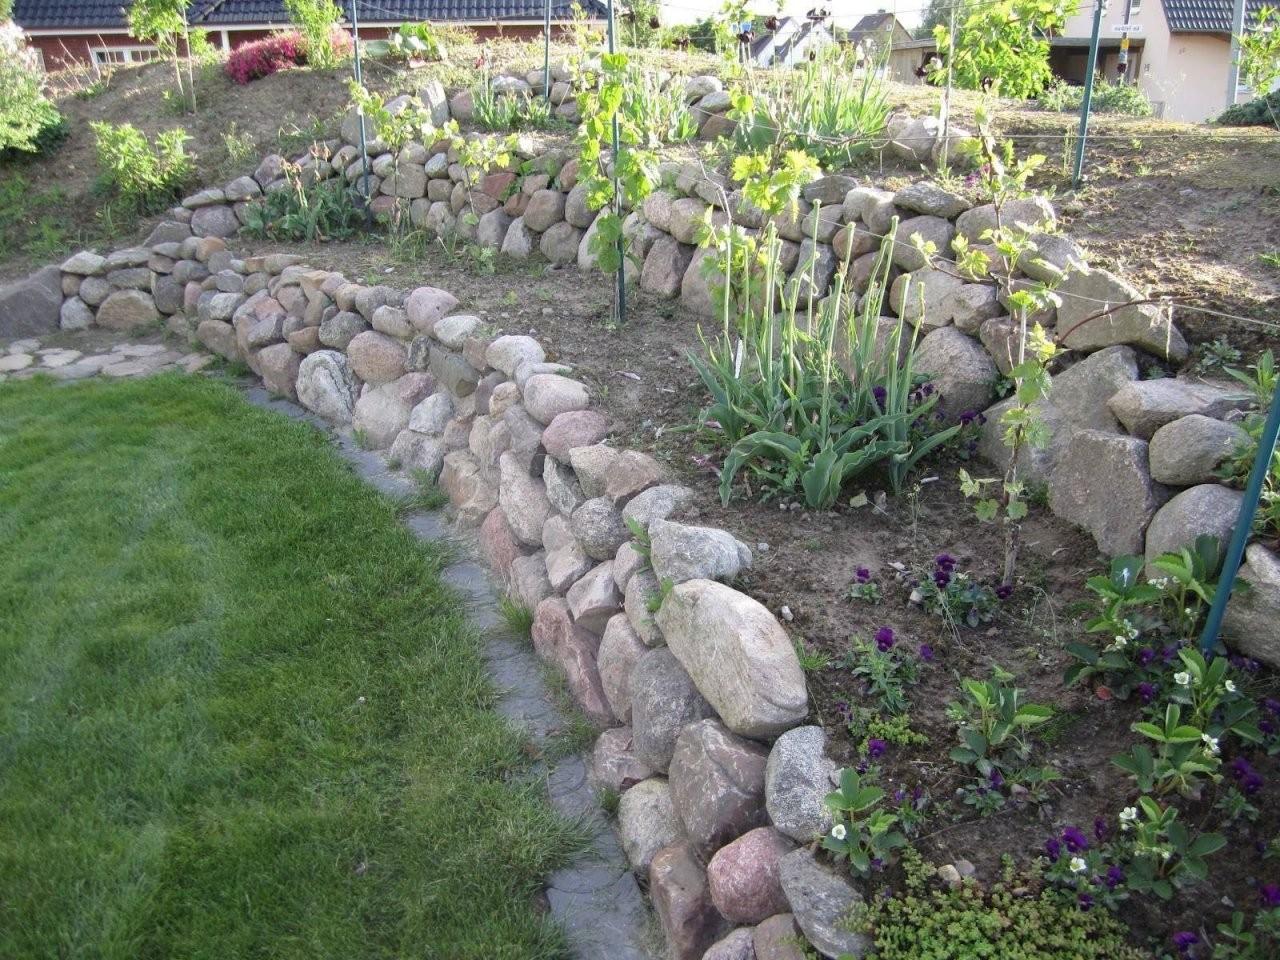 Gartengestaltung Am Hang Mit Steinen Wohnideen Konzept von Gartengestaltung Mit Steinen Am Hang Photo